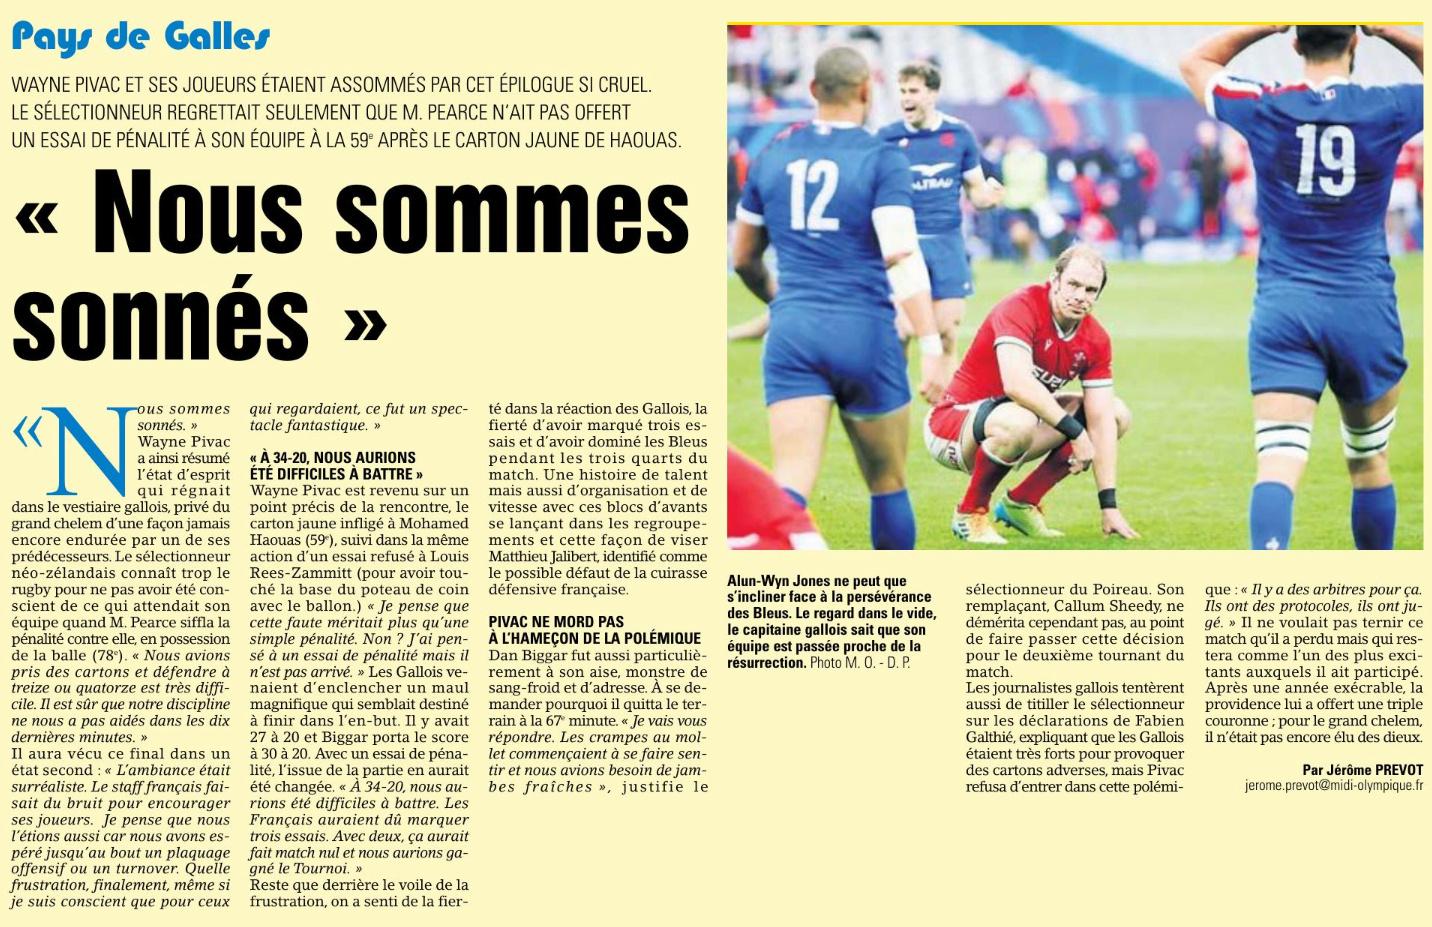 Le XV de France (partie en cours) - Page 6 Capt1098